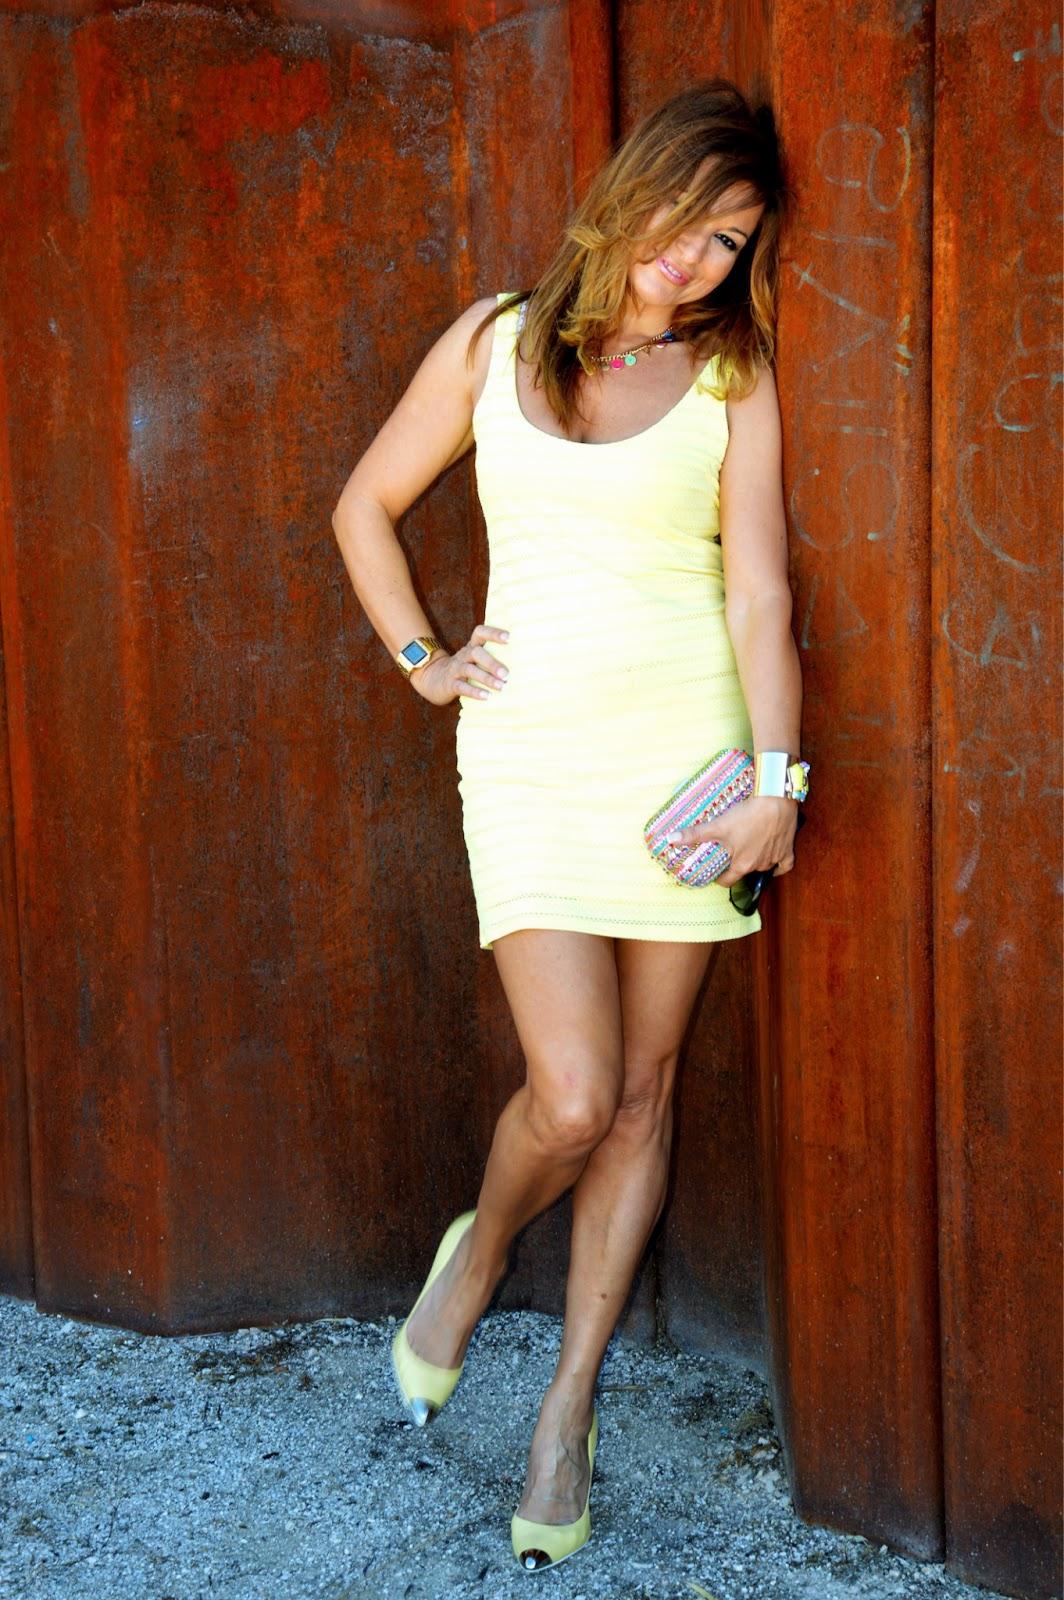 http://globedia.com/imagenes/noticias/2013/6/2/look-vestido-color-amarillo_1_1716189.jpg